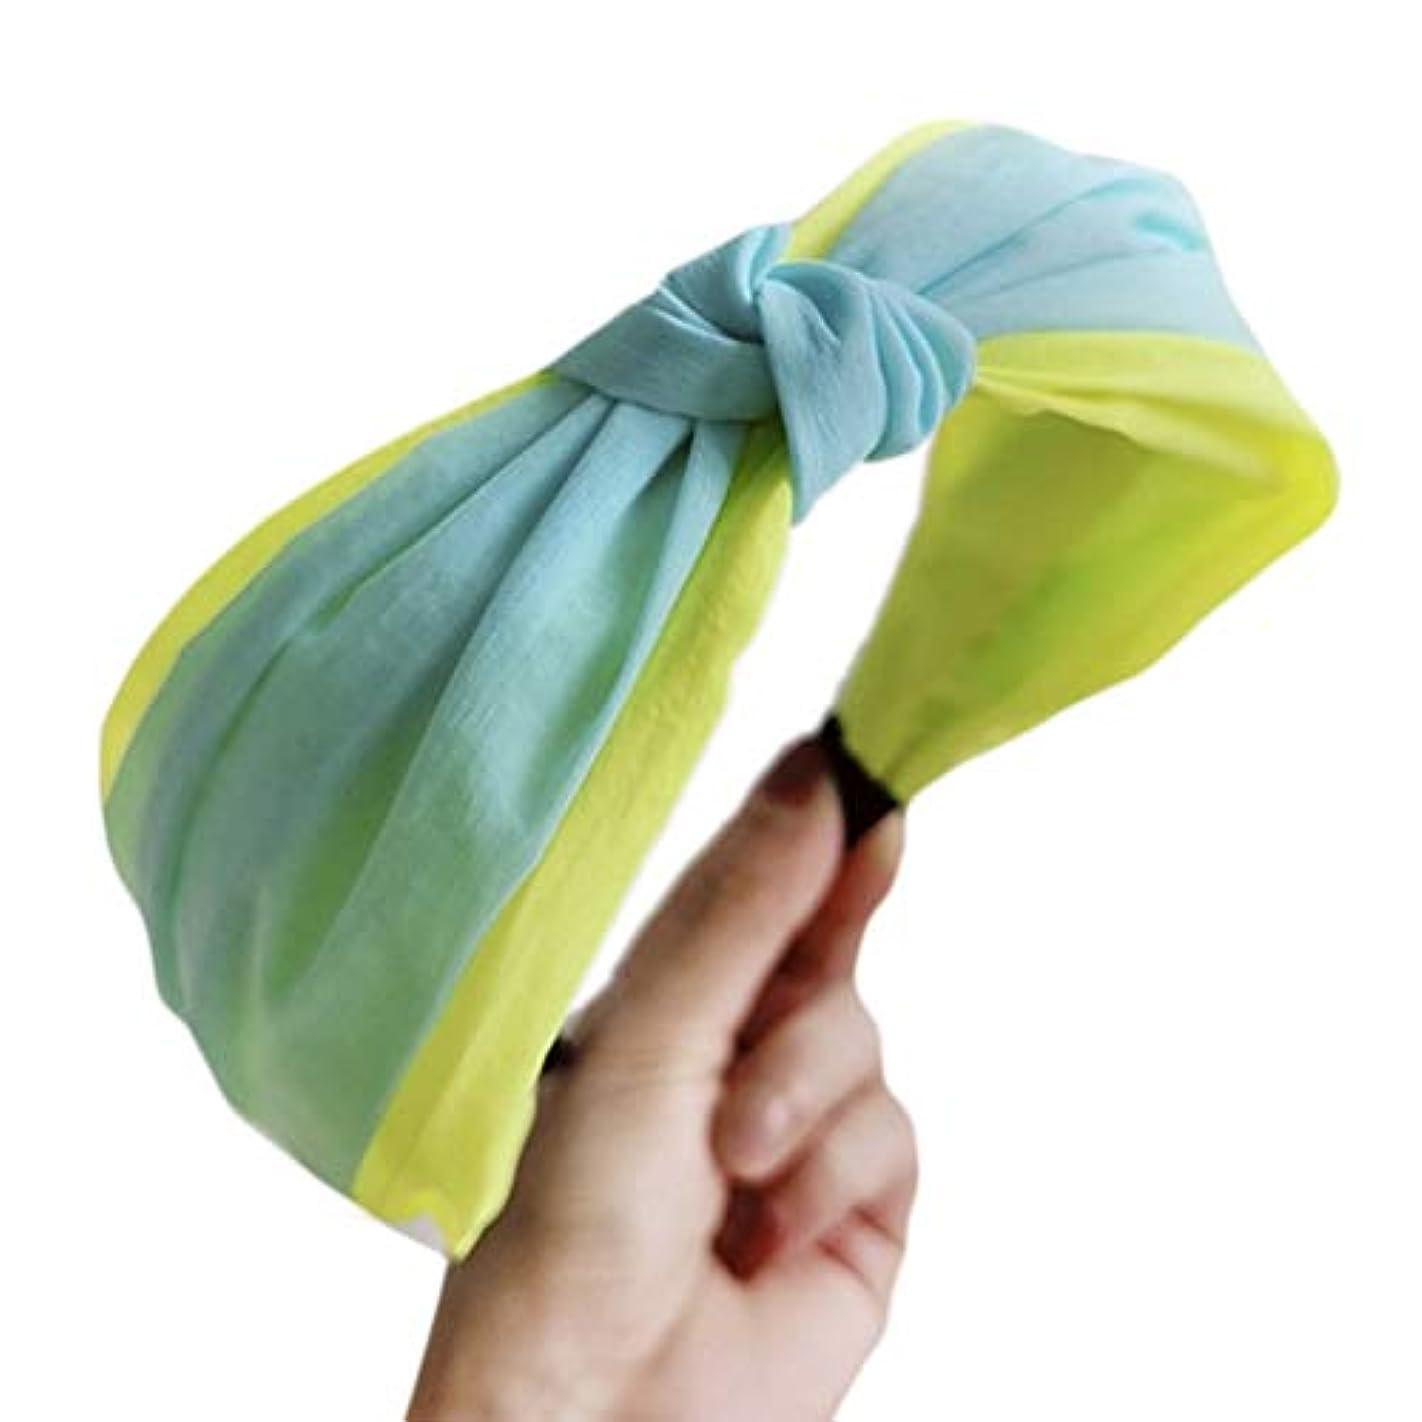 ほめる抜け目のない教科書RousZL ボヘミアン女性の女の子ワイドカチューシャ甘いキャンディーヘアフープ蛍光カラーブロック手作りちょう結び夏パーティー帽子